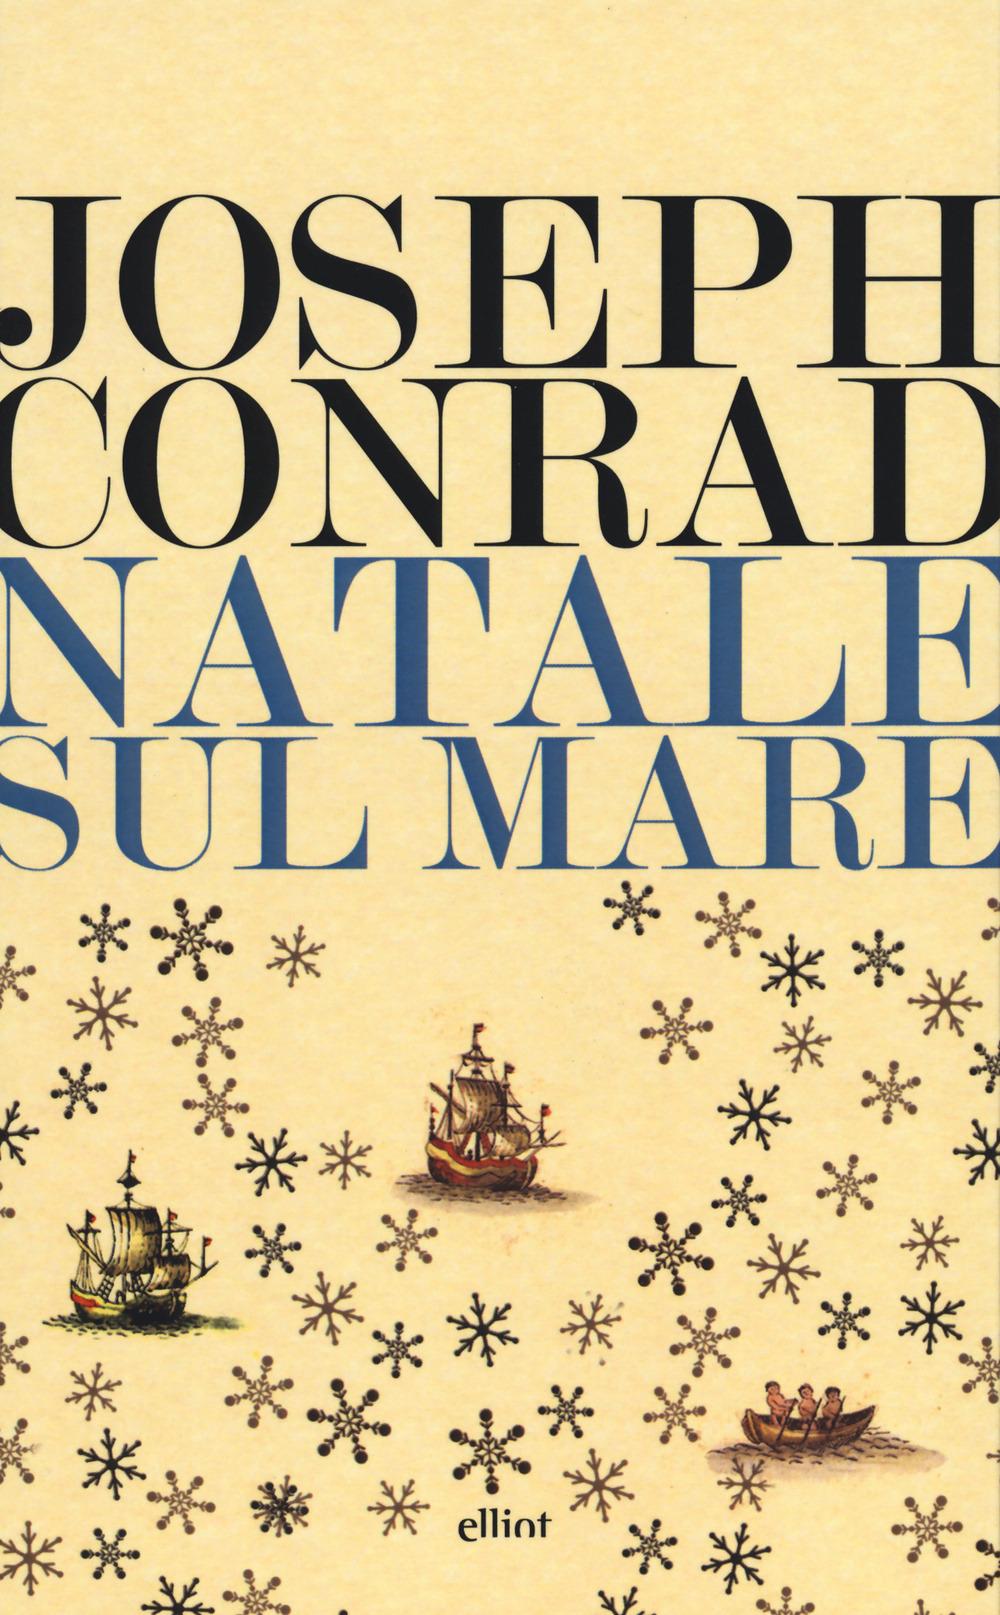 Image of (NUOVO o USATO) Natale sul mare e altri scritti